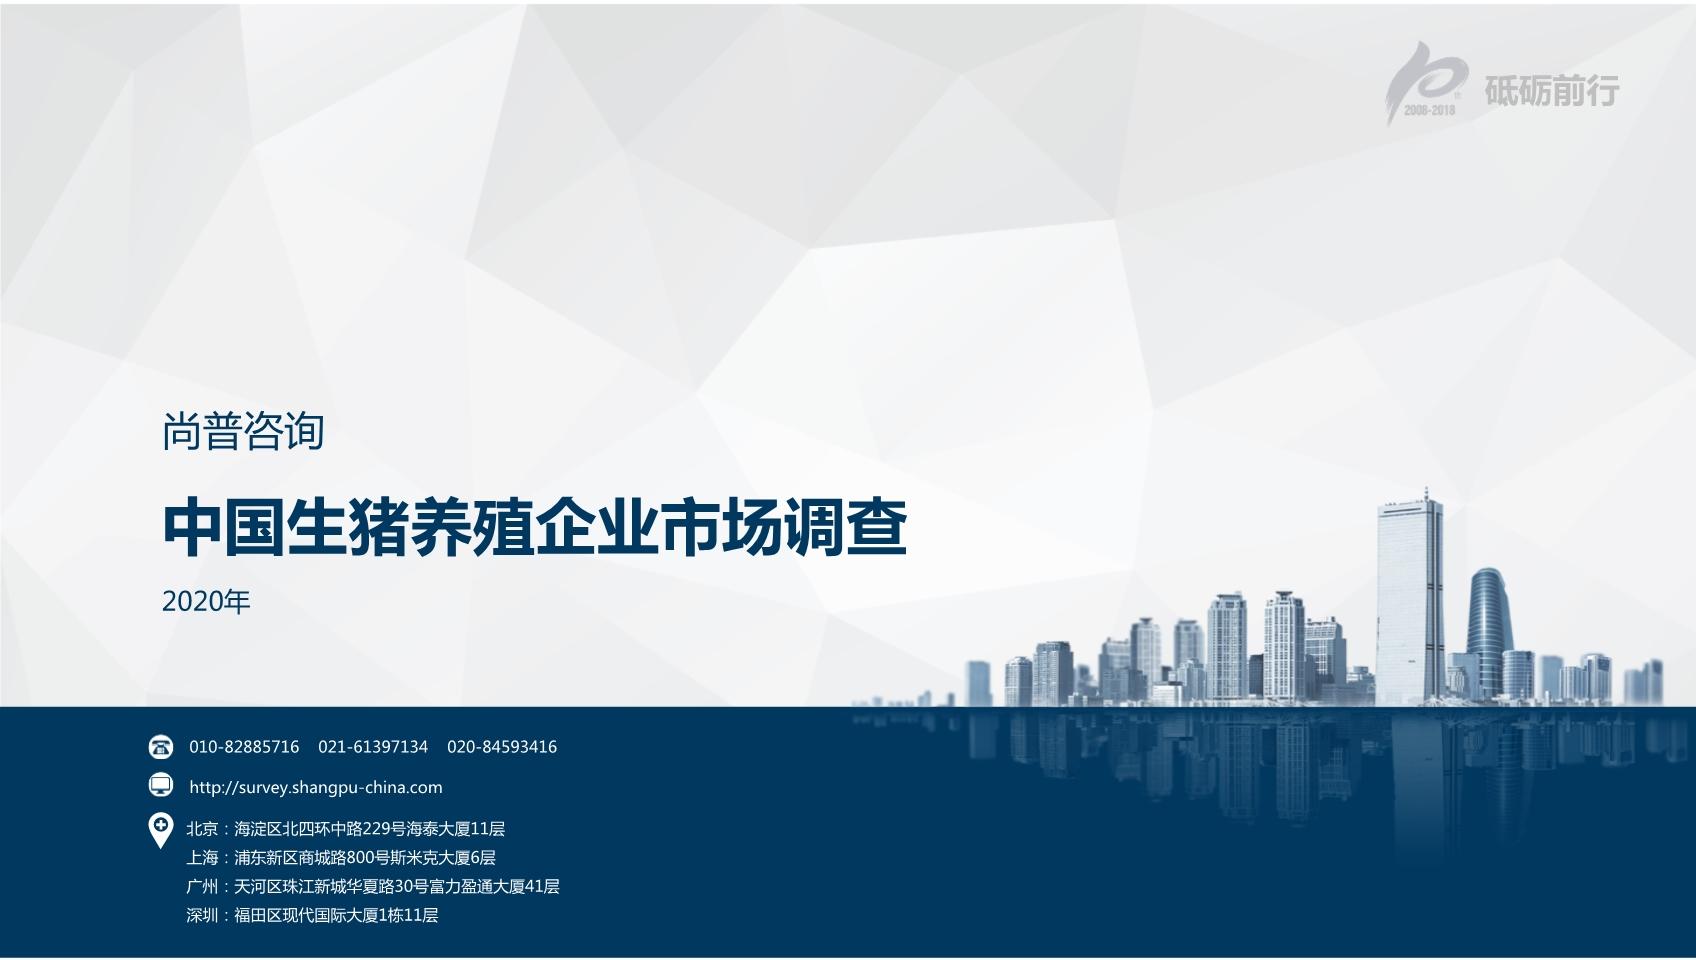 尚普咨询:2020年中国生猪养殖企业市场调查